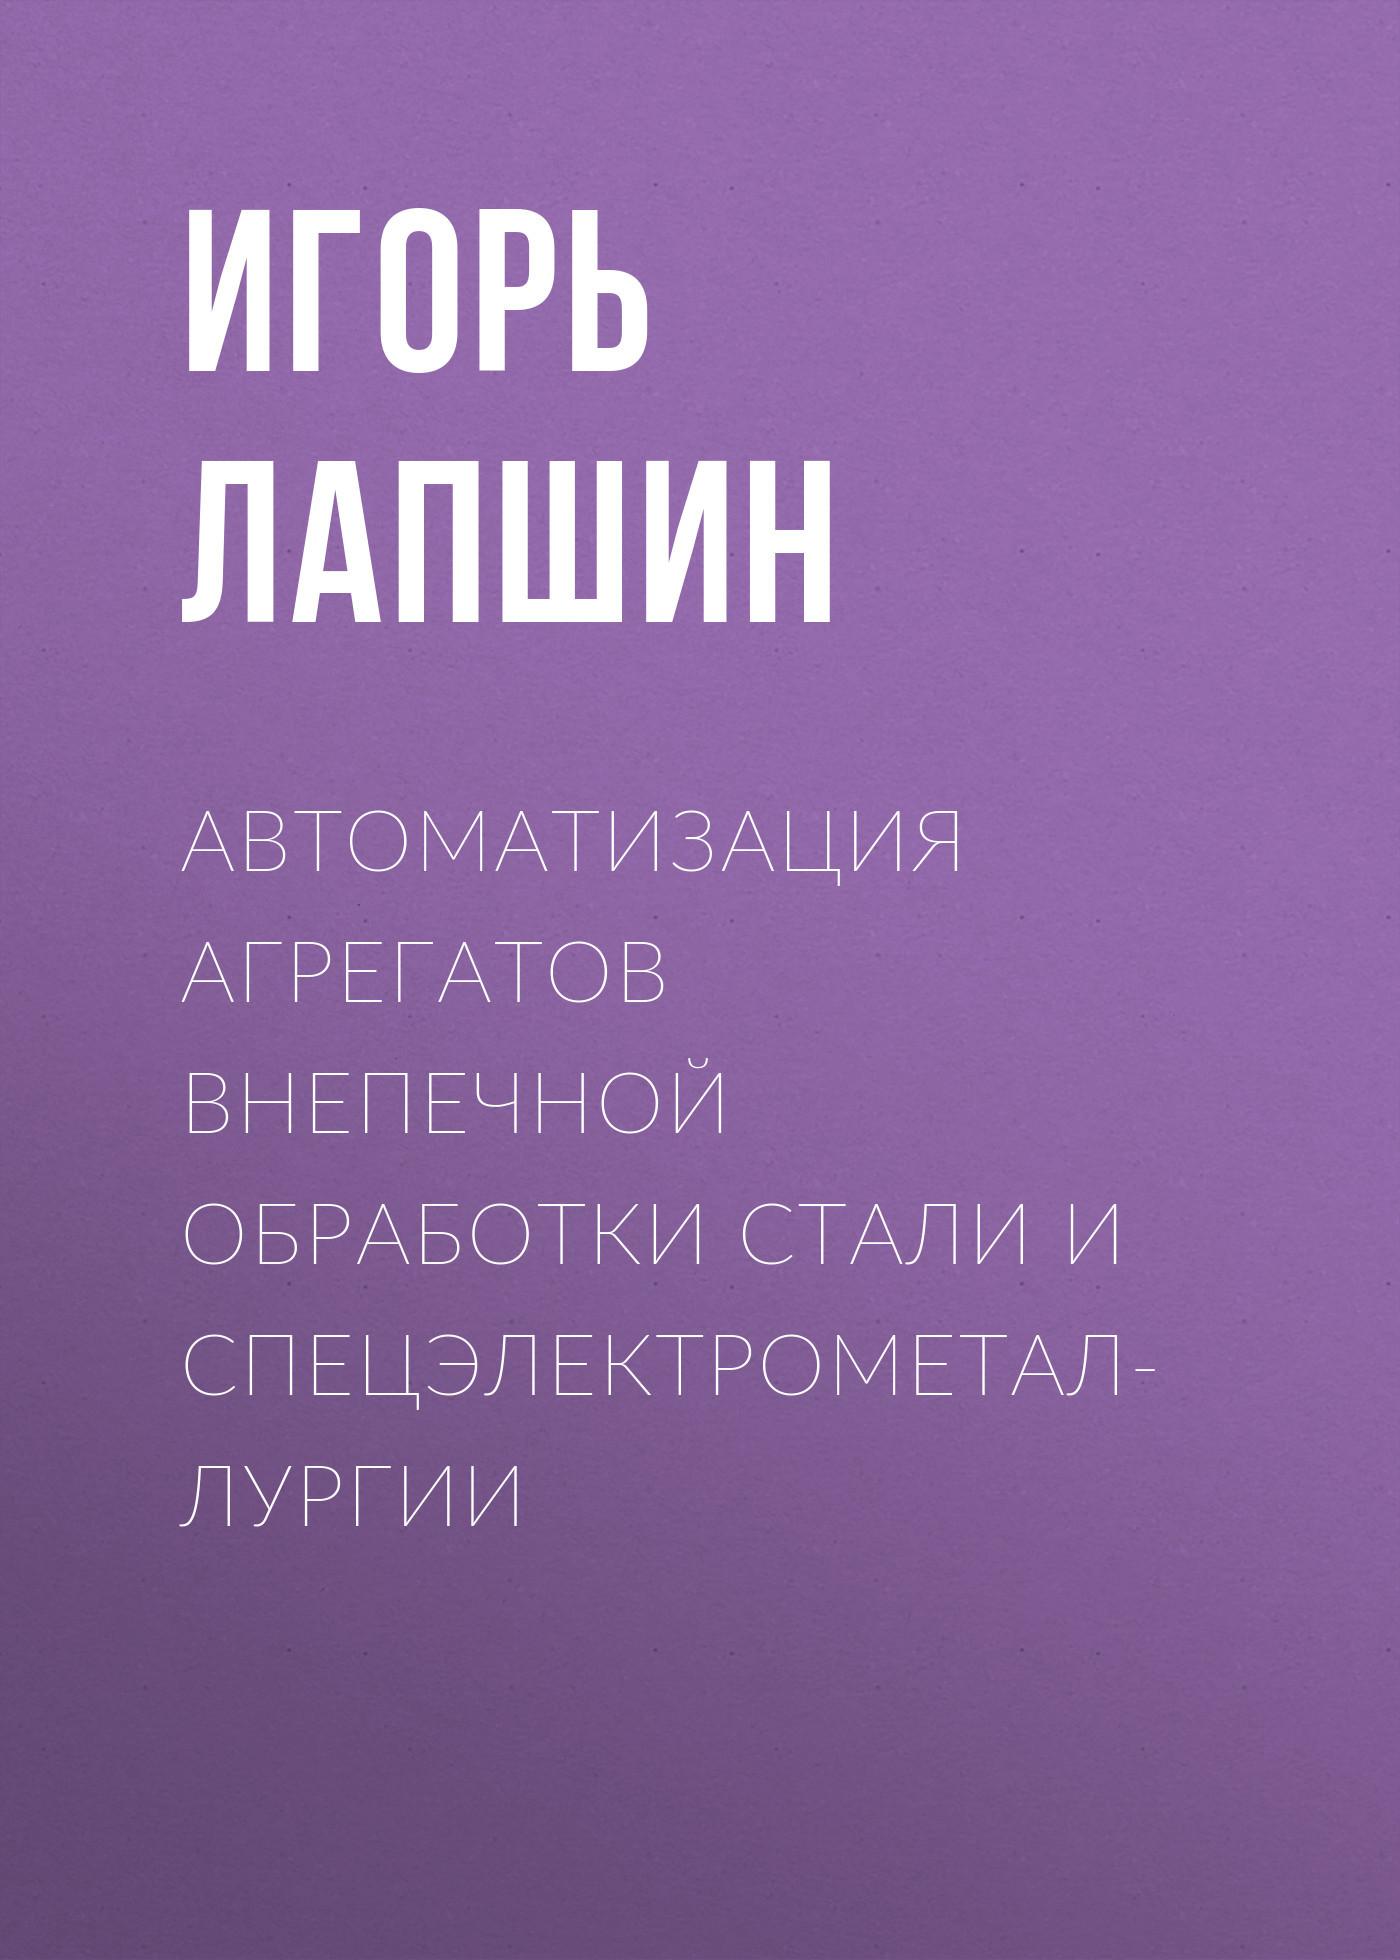 Игорь Лапшин Автоматизация агрегатов внепечной обработки стали и спецэлектрометаллургии